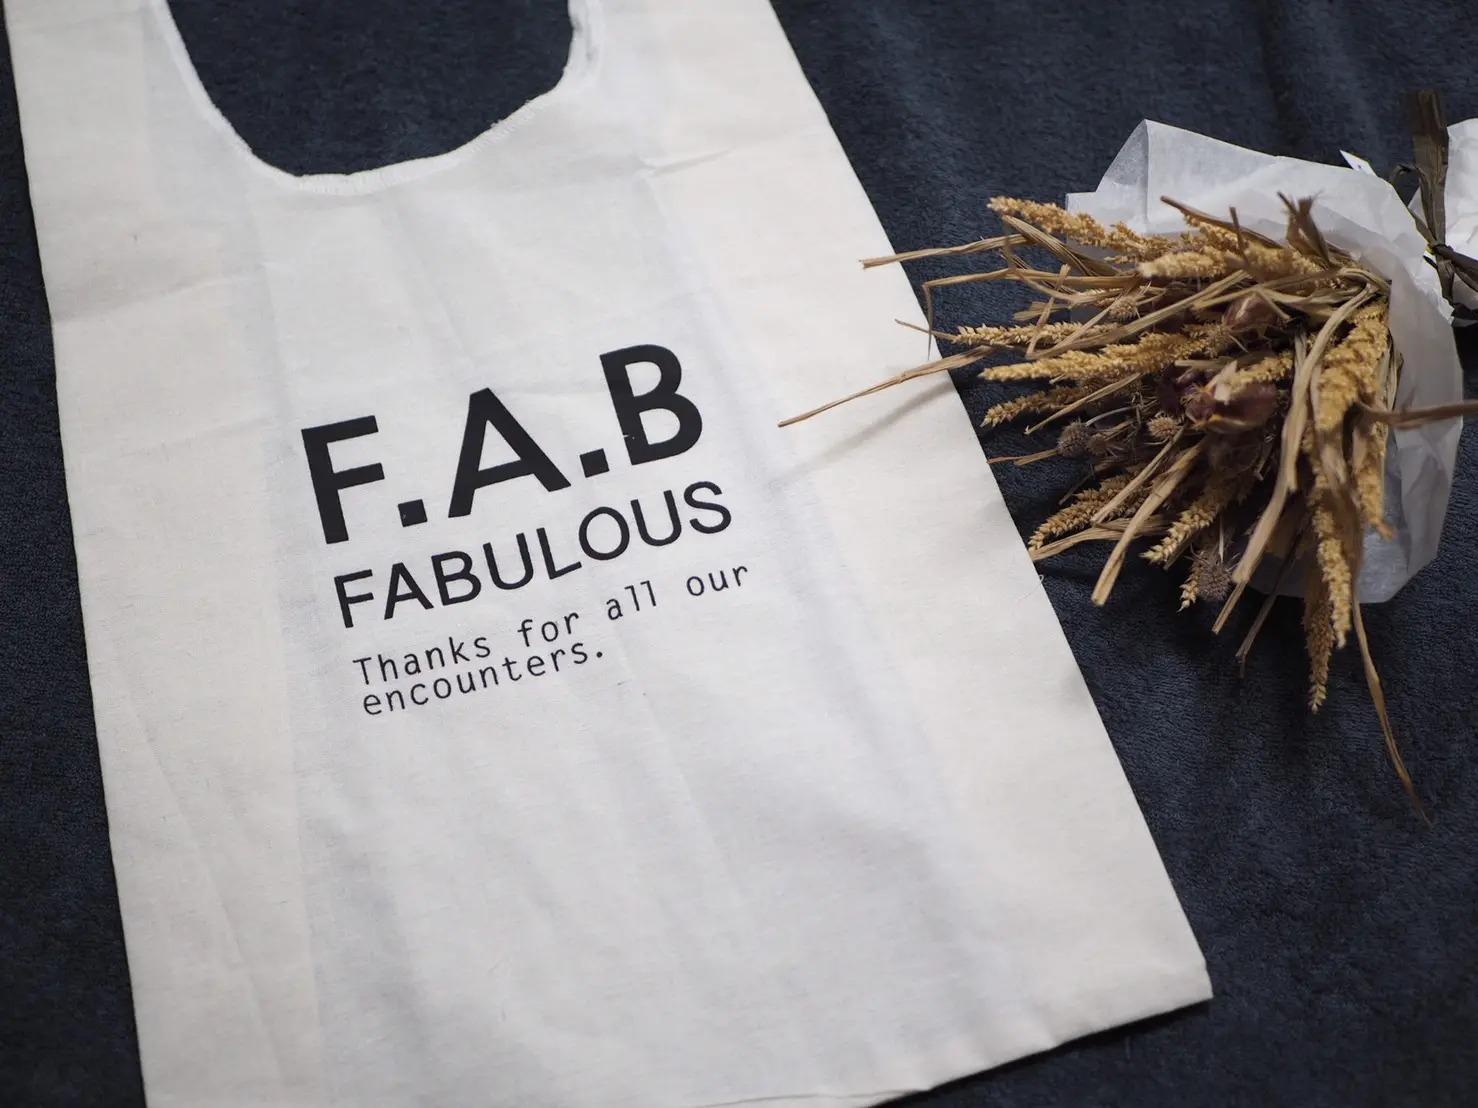 【働く女性のエコバッグまとめ】人気ブランドのおしゃれなバッグも♡ MOREインフルエンサーズのMyバッグ特集_2